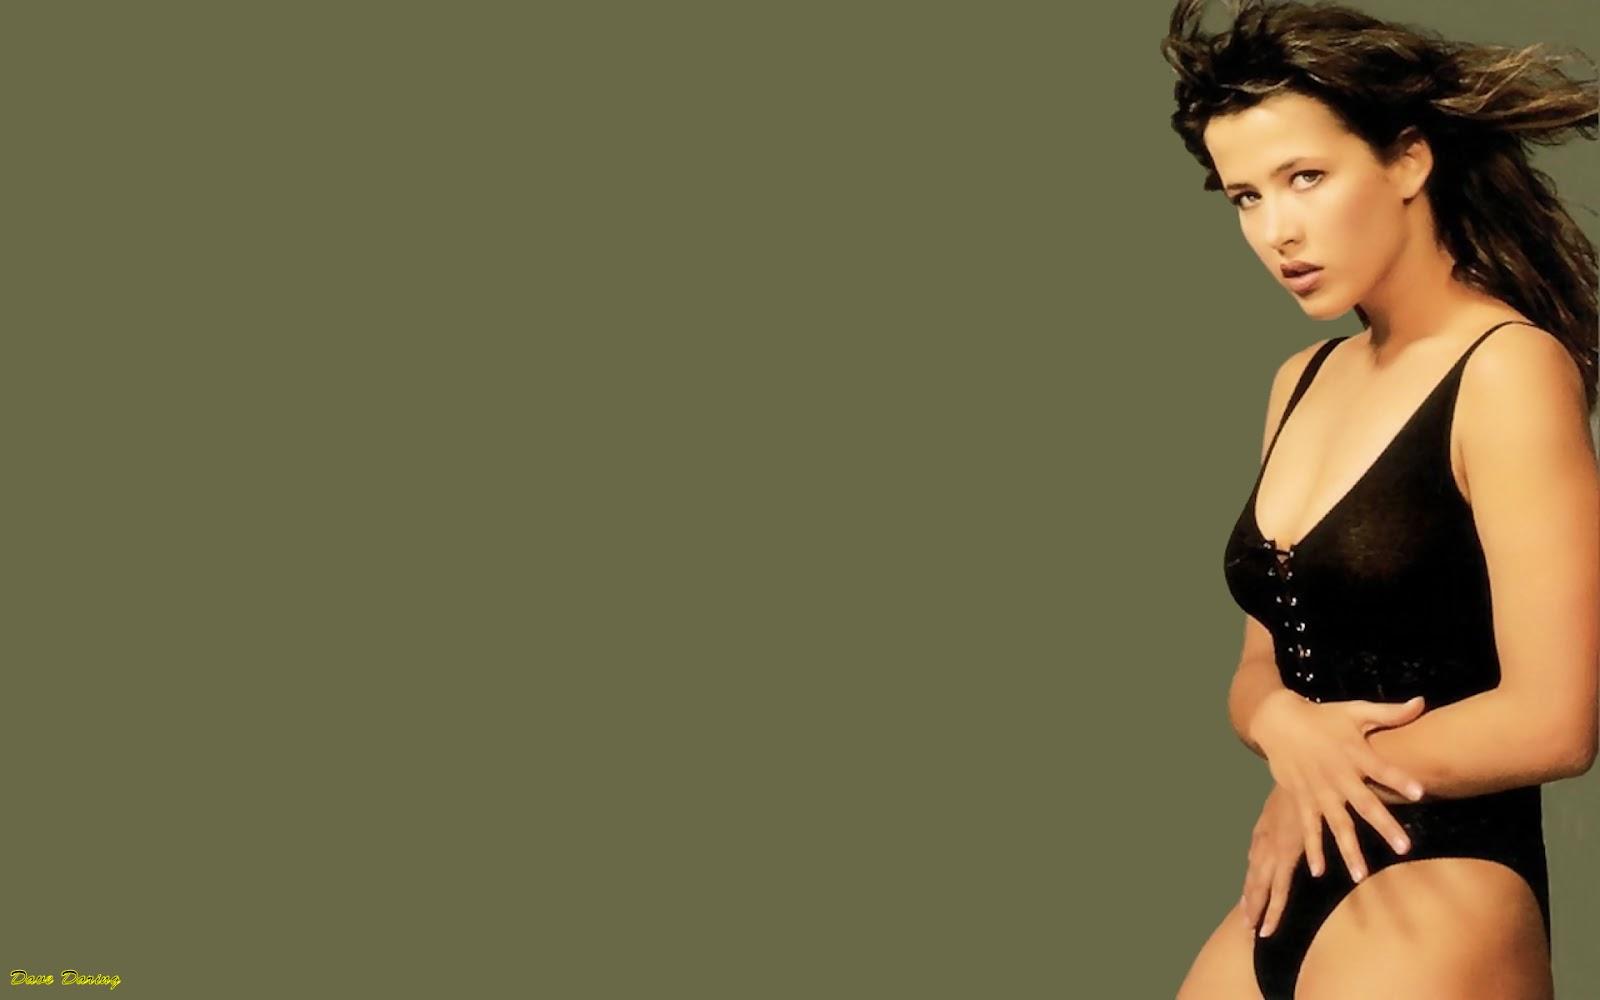 http://4.bp.blogspot.com/-xmYMA_80Rs4/USZn_5tmWuI/AAAAAAAAFmI/YYoNjoeVicc/s1600/Sophie+Marceau+2.jpg